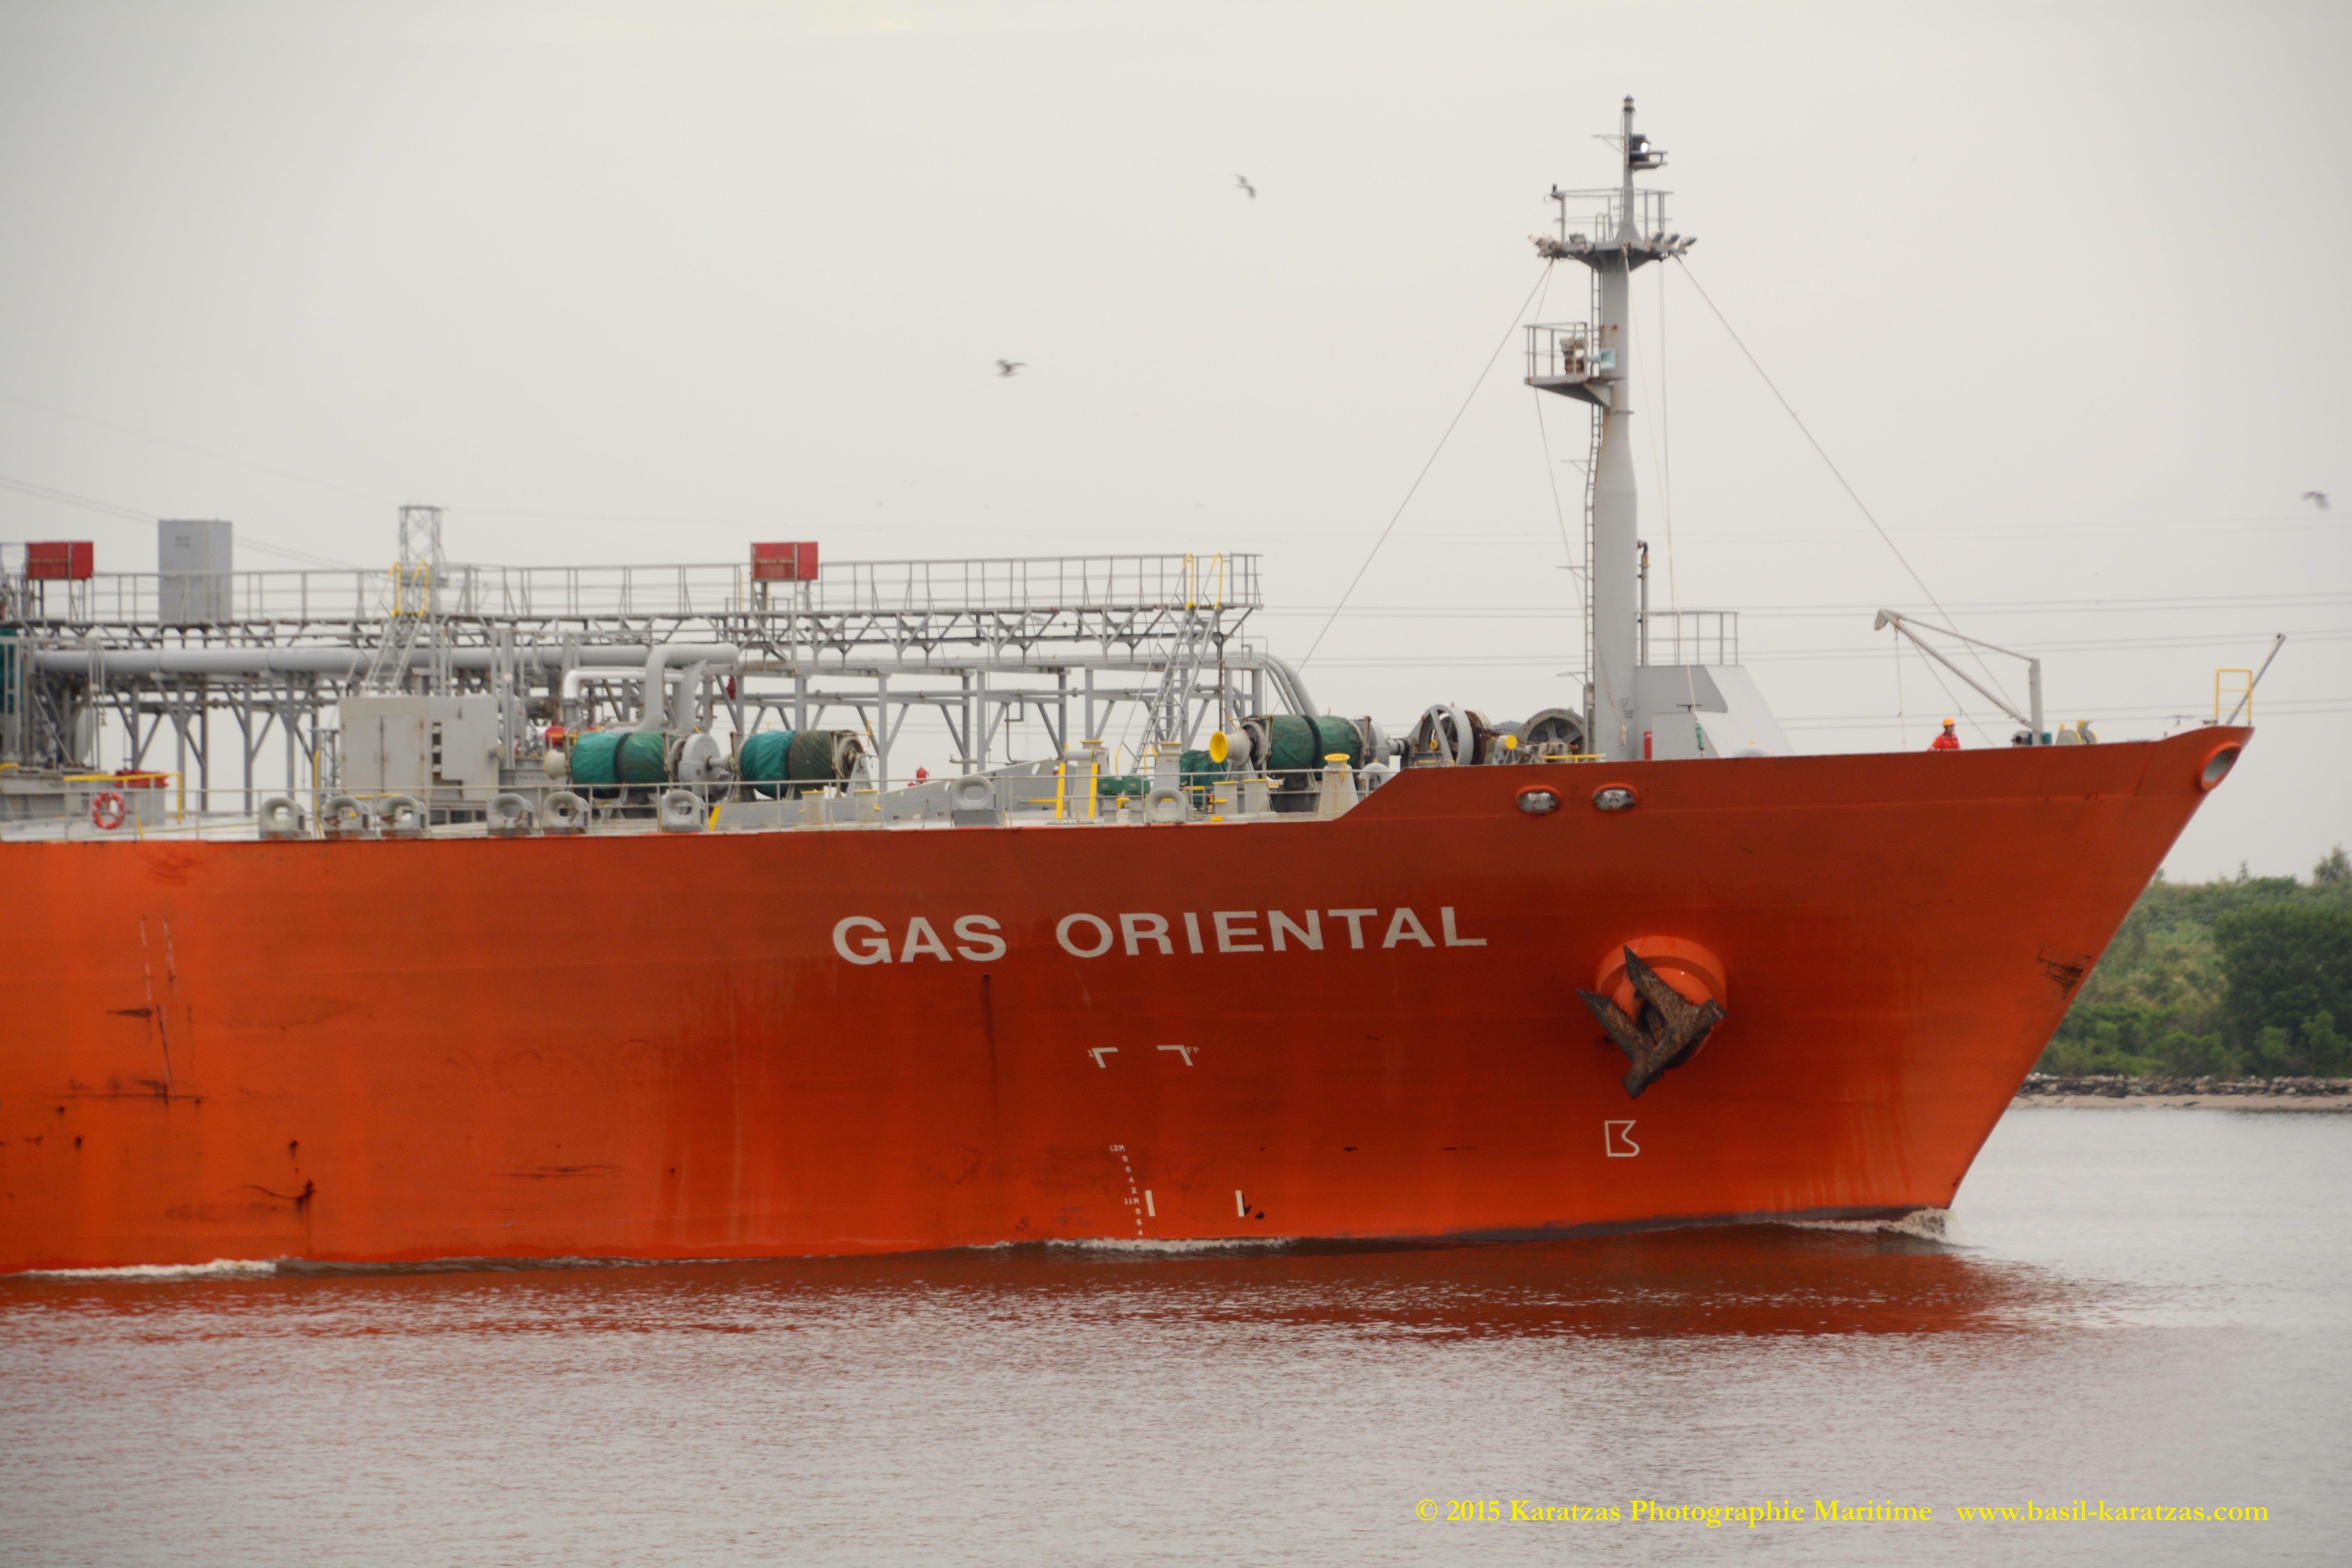 MT 'GAS ORIENTAL' | Karatzas Photographie Maritime